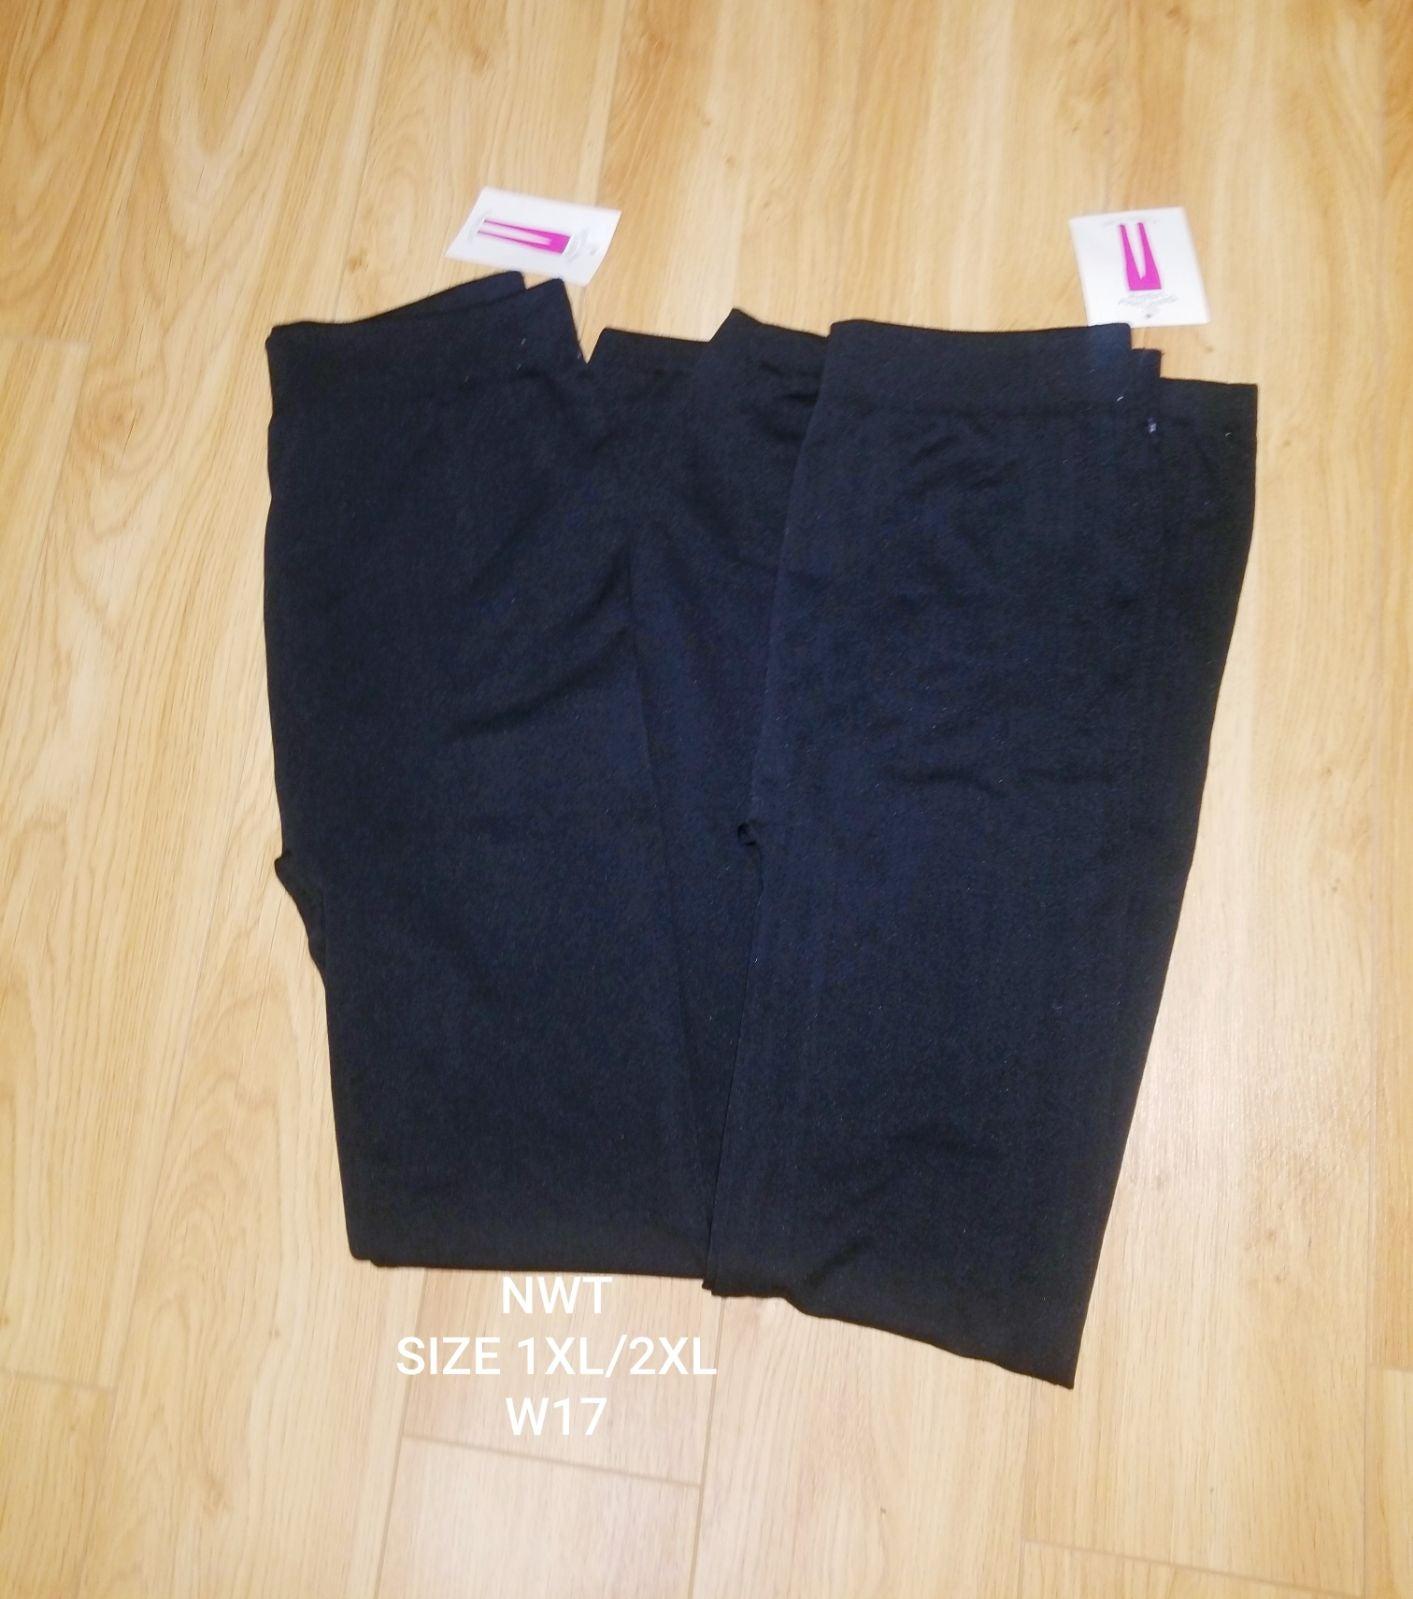 Womens plus size legging Bundle 1XL 2XL